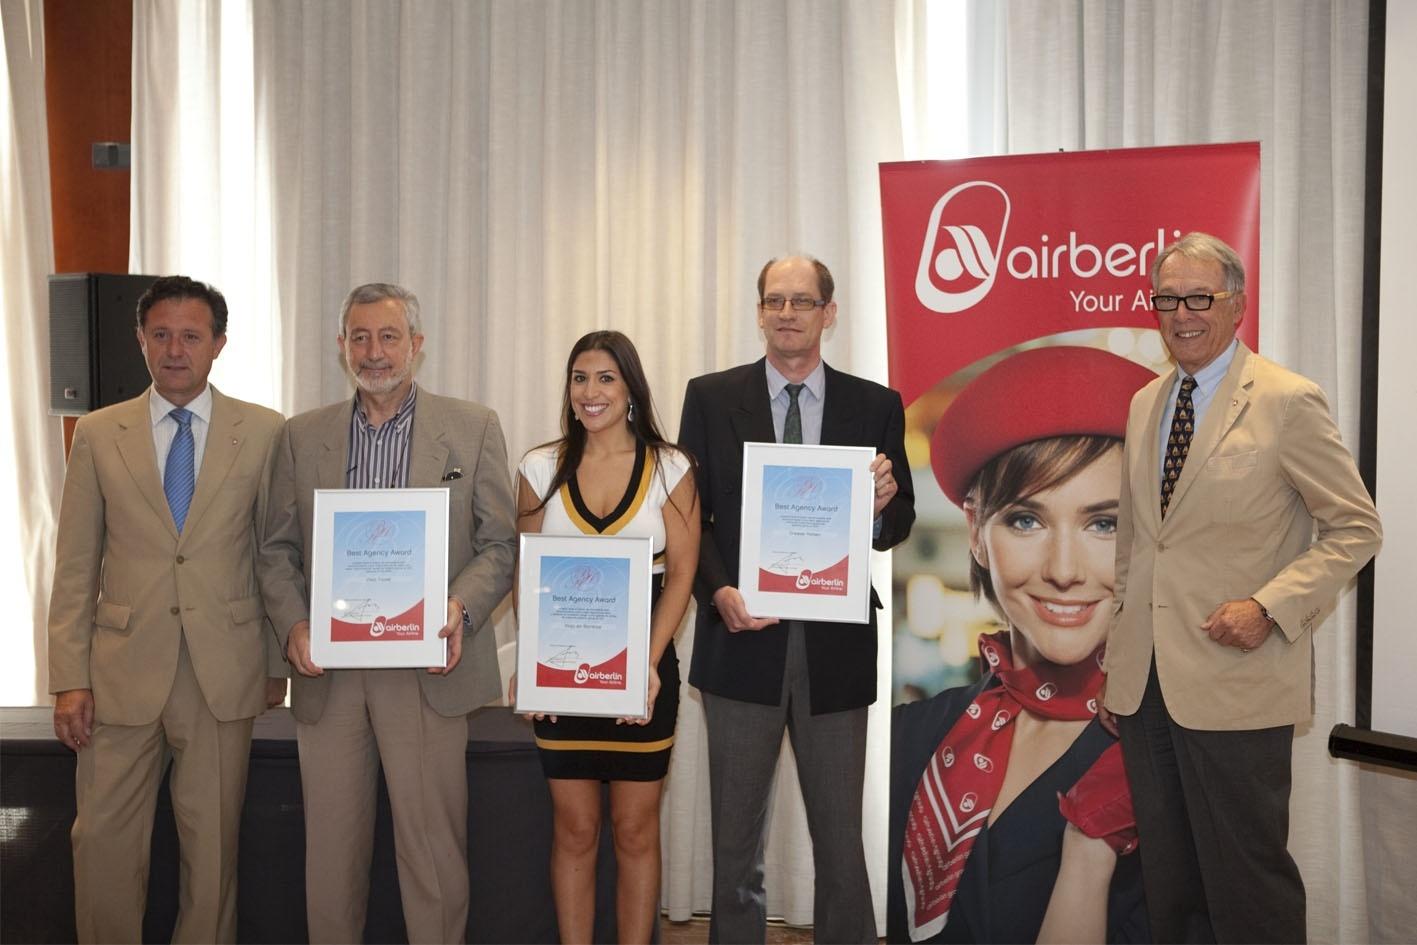 La compañía aérea Airberlin vuela a partir de este mes a 40 destinos